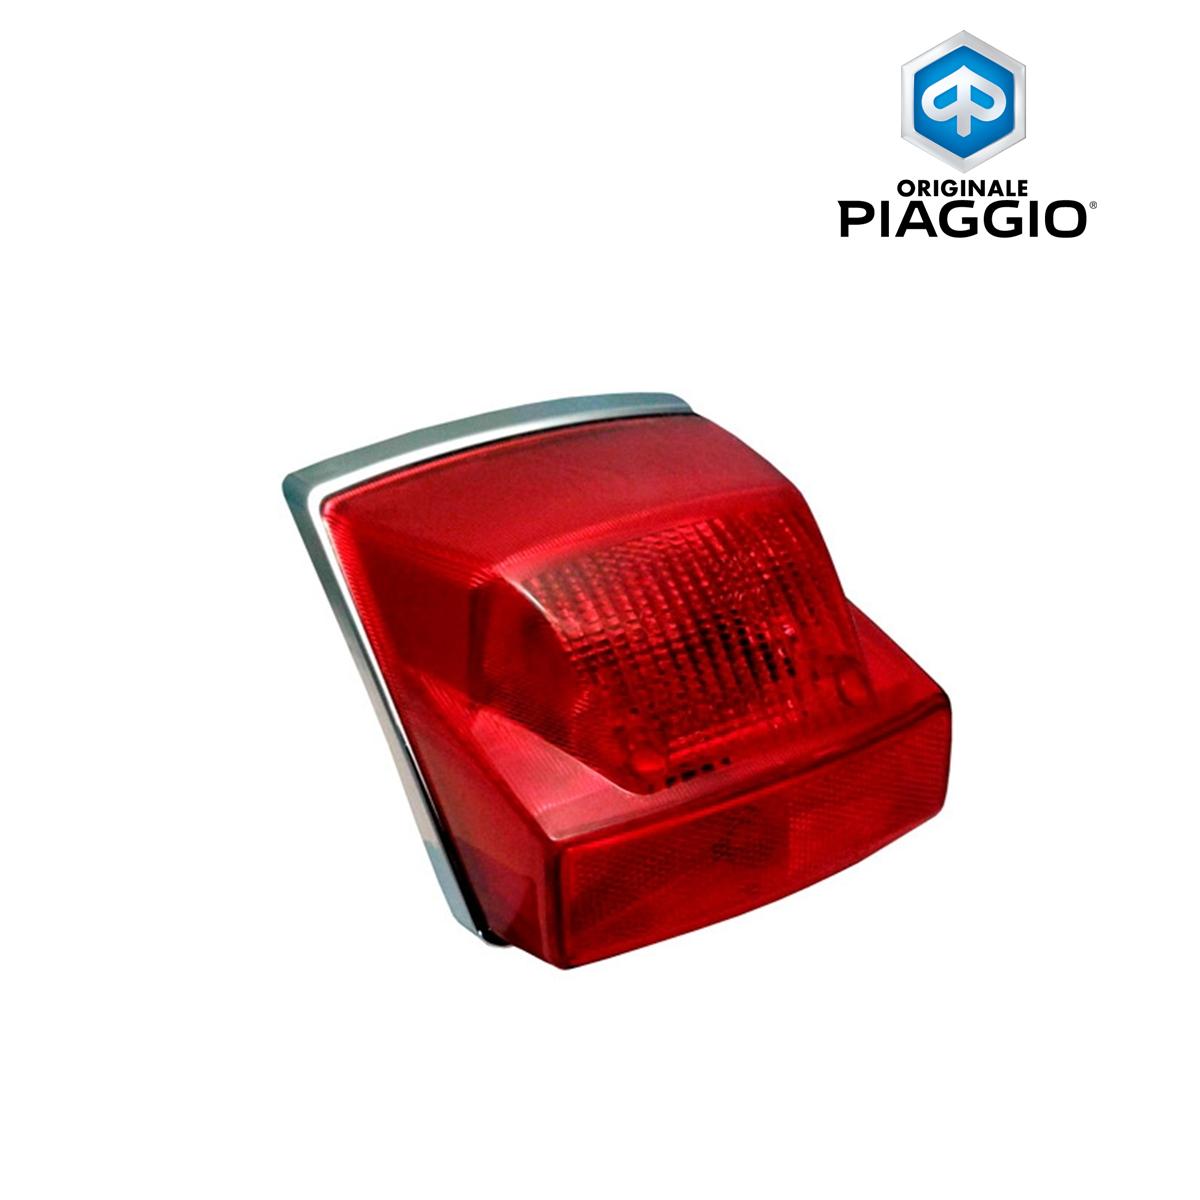 58269R – Fanale posteriore vespa px 125 200 2011–>2017